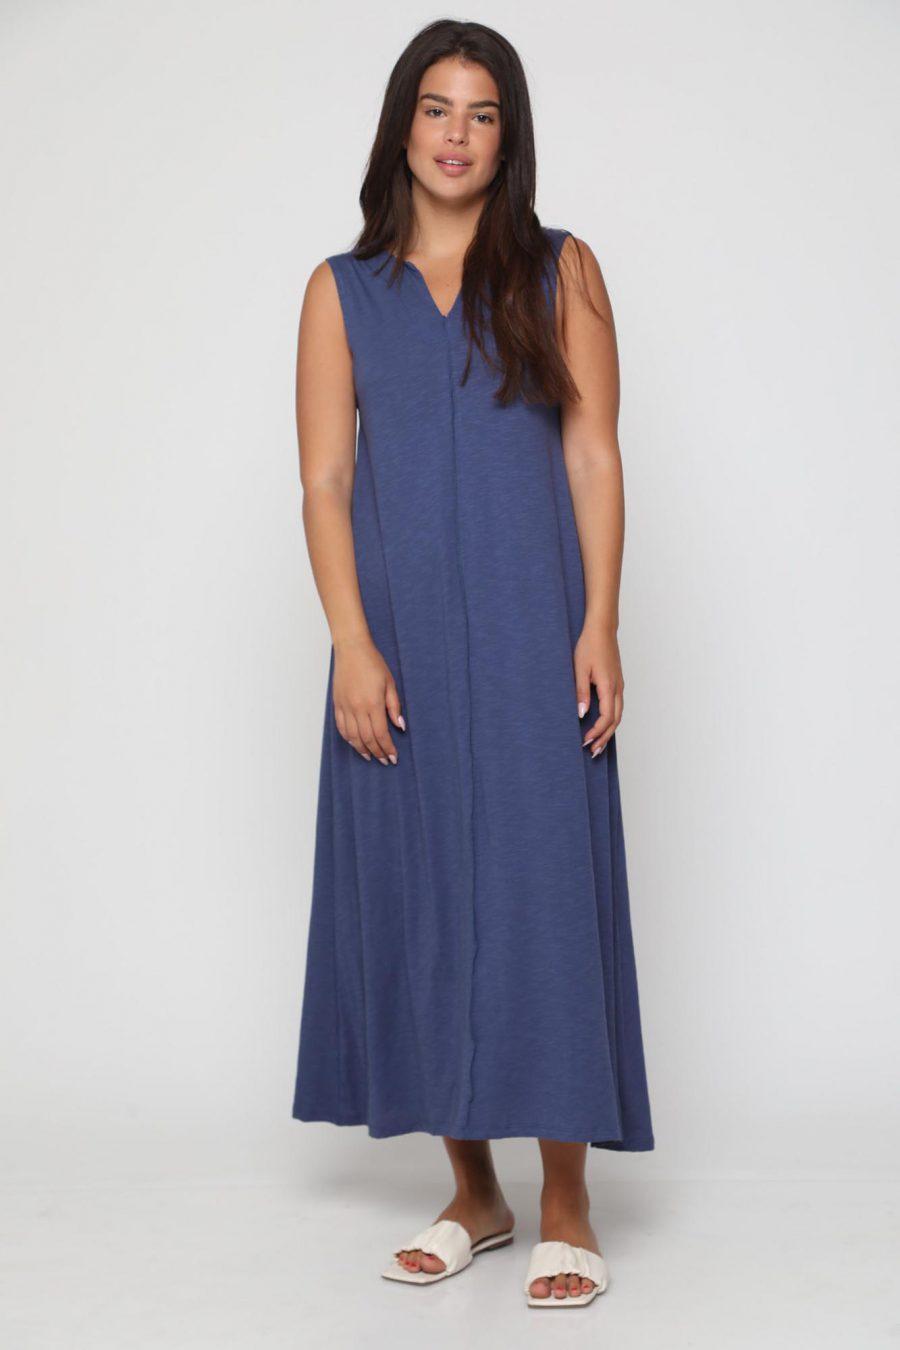 שמלה מונקו חלק כחול